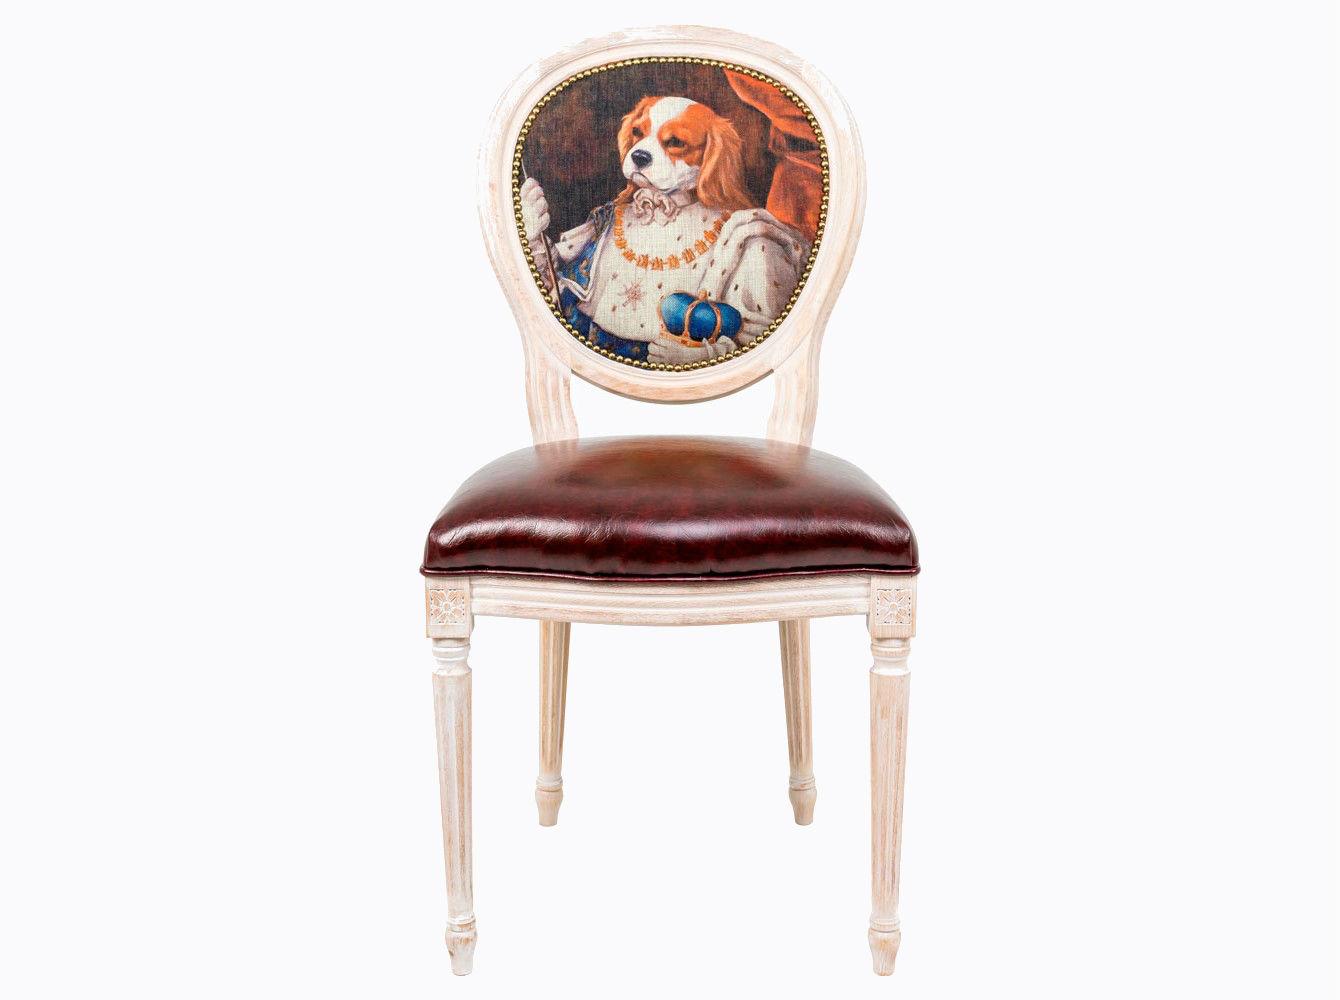 Стул «Музейный экспонат», версия 27Обеденные стулья<br>Стул &amp;quot;Музейный экспонат&amp;quot; - универсальное, но отборное решение гостиной, столовой, спальни, кабинета, холла и детской комнаты. Эклектичное решение обещает Вам соседство этого дизайна со многими классическими и авангардными жанрами, от &amp;quot;ренессанса&amp;quot; до &amp;quot;лофта&amp;quot;. <br>Корпус стула изготовлен из натурального бука. Среди европейских пород бук считается самым прочным и долговечным материалом. По эксклюзивному дизайну &amp;quot;Объекта мечты&amp;quot; корпусы стульев серии &amp;quot;Музейный экспонат&amp;quot; выточены, брашированы и патинированы в Италии. <br>В дизайне &amp;quot;Музейный экспонат&amp;quot; резьба играет ведущую роль: стул украшен вычурными желобками и цветочными узорами, выточенными с ювелирной меткостью.  <br>В угоду моде &amp;quot;шебби-шик&amp;quot;, благородная фактура натурального дерева подчеркнута рукописной патиной. Штрихи старины обладают специфическим обаянием и теплом. <br>Комфортабельность, прочность и долговечность сиденья обеспечены подвеской из эластичных ремней. <br>Обивка спинки оснащена тефлоновым покрытием против пятен.&amp;amp;nbsp;&amp;lt;div&amp;gt;&amp;lt;br&amp;gt;&amp;lt;/div&amp;gt;&amp;lt;div&amp;gt;Каркас - натуральное дерево бука, обивка сиденья и оборотной стороны спинки - эко-кожа, обивка спинки: 29% лен, 9 % хлопок, 72% полиэстер&amp;lt;br&amp;gt;&amp;lt;/div&amp;gt;<br><br>Material: Дерево<br>Ширина см: 55<br>Высота см: 95<br>Глубина см: 50